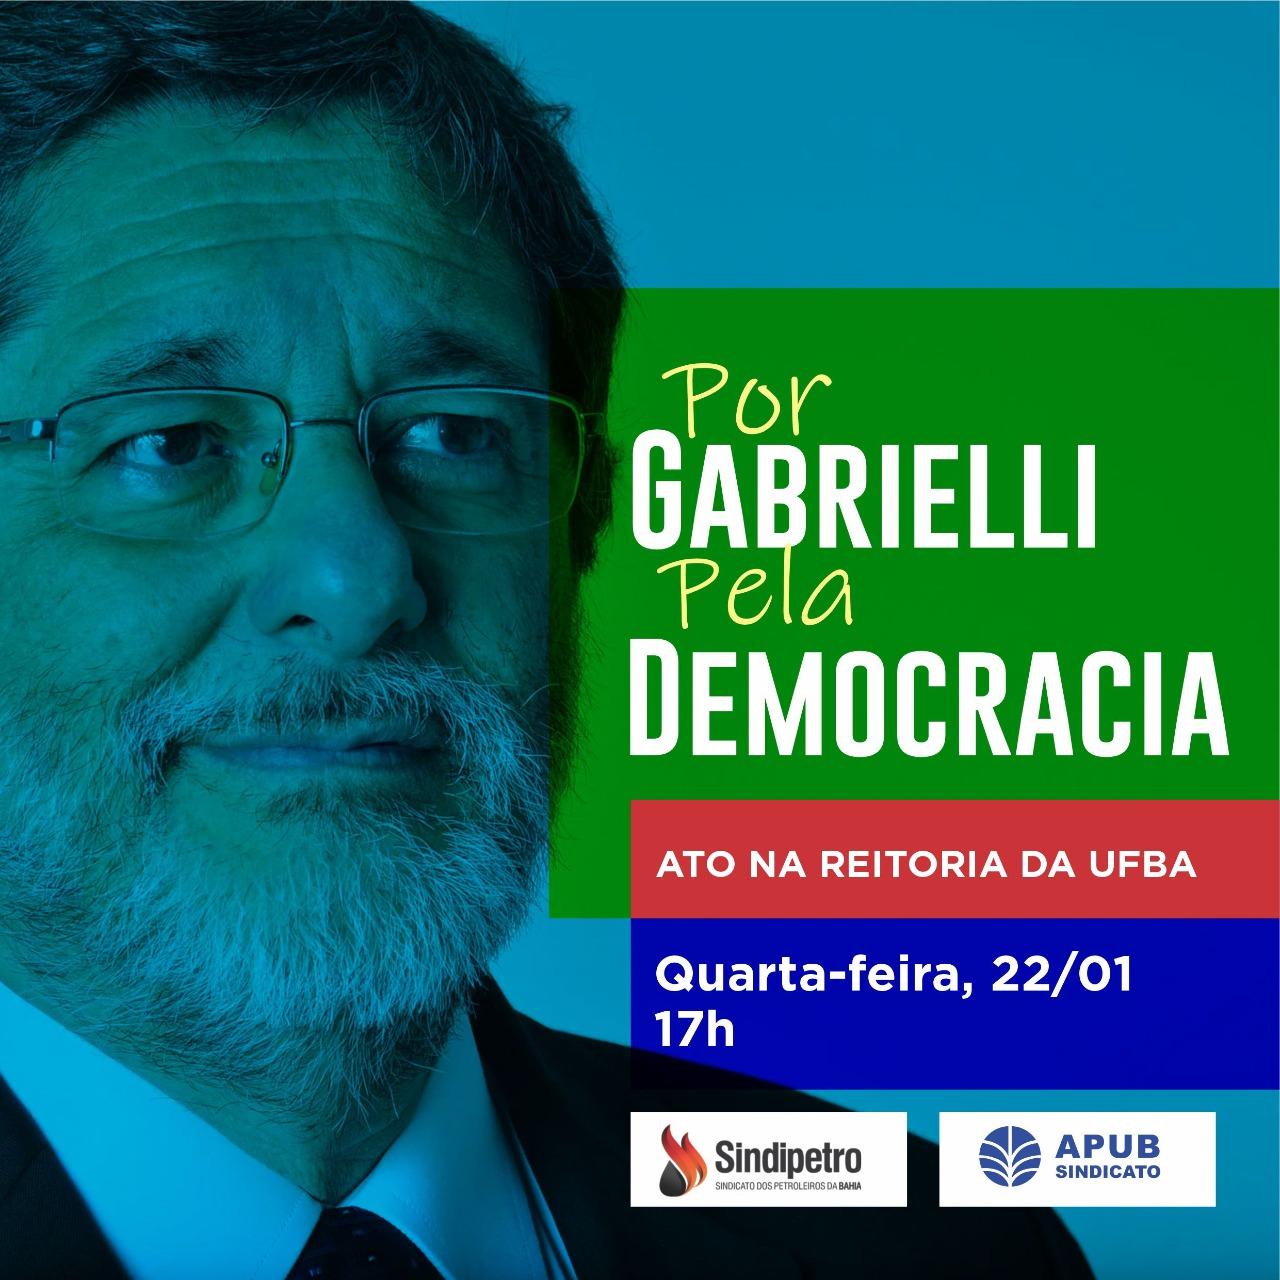 Entidades farão ato em apoio a Gabrielli  na reitoria da UFBA